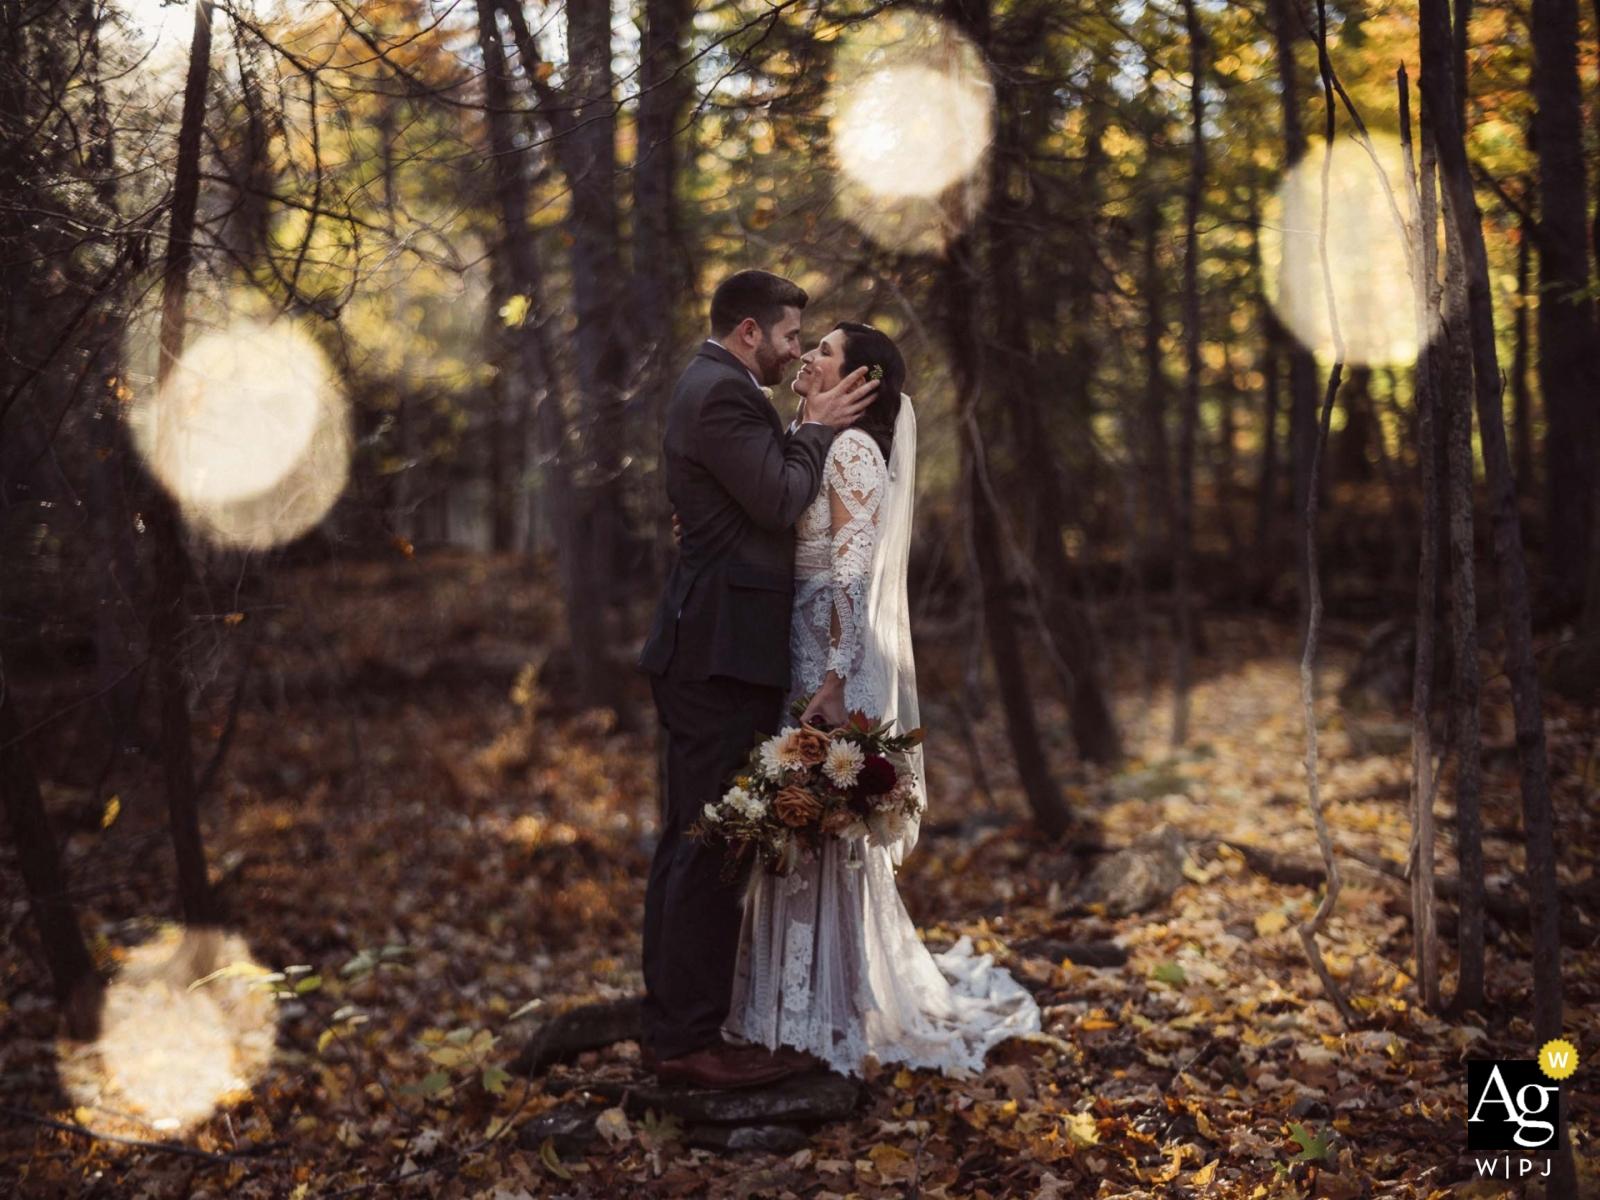 La grange à Silver Oaks, Winthrop, ME | Autumn in Maine, portraits au coucher du soleil avec les jeunes mariés dans les arbres